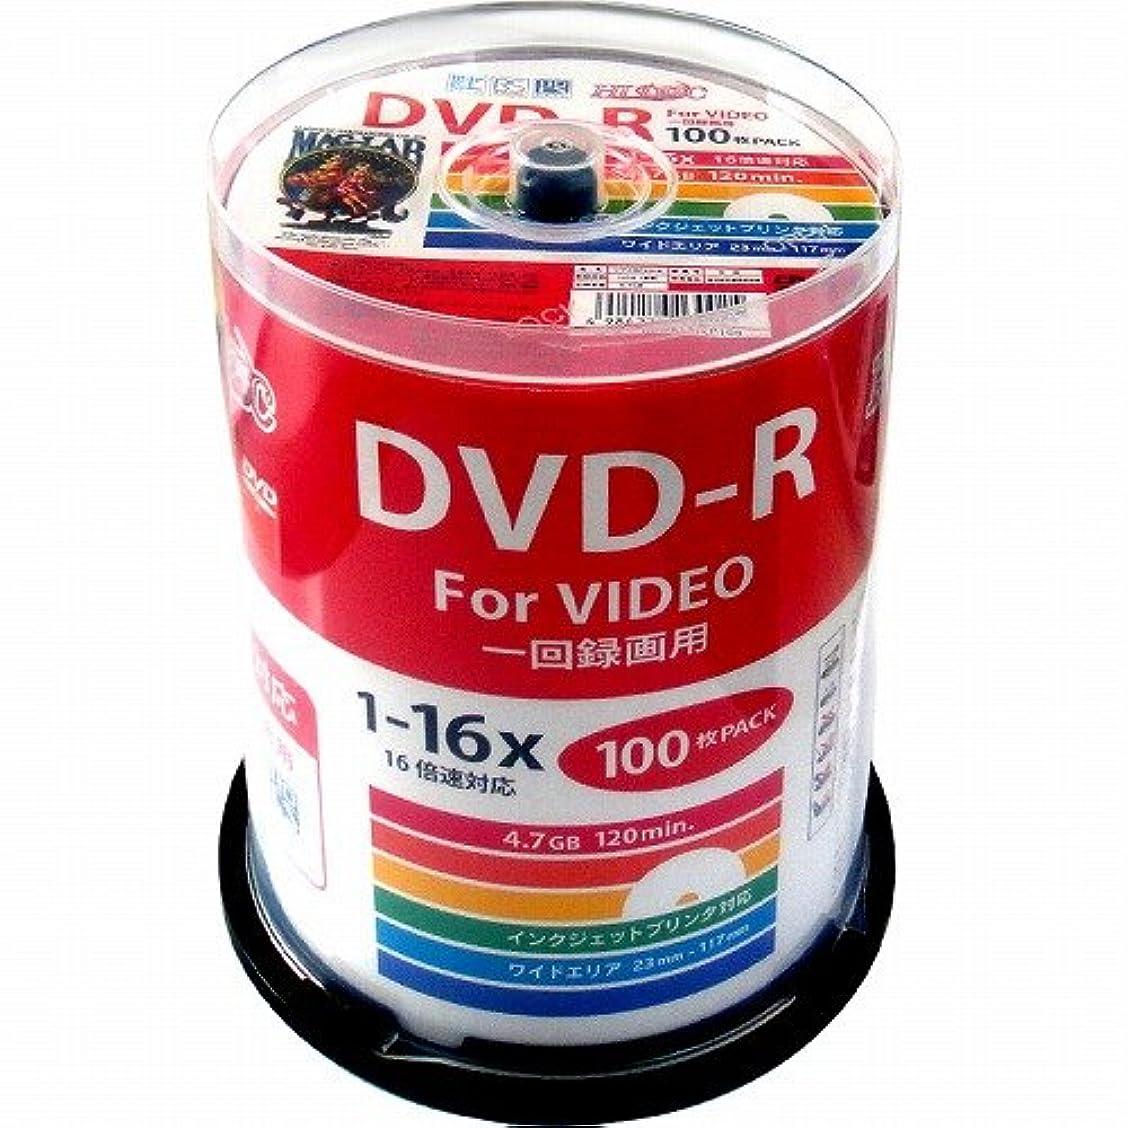 精査するマーチャンダイジング認知Victor DVD-R録画用 8倍速 カラープリンタブル10枚パック 5mmケース [VD-R120XJ10]